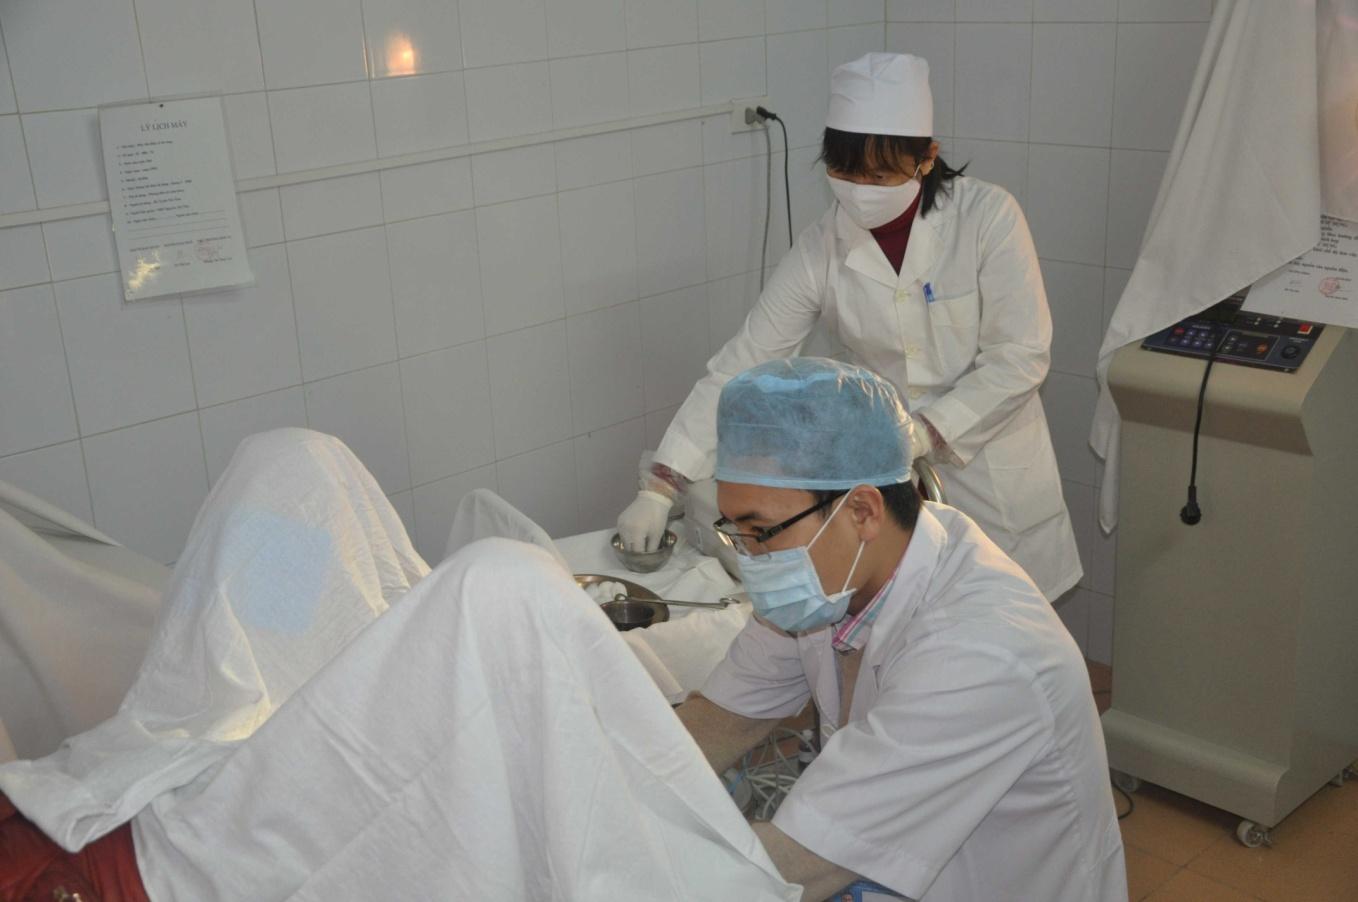 Đốt diệt tuyến là phương pháp điều trị viêm lộ tuyến cổ tử cung phổ biến hiện nay